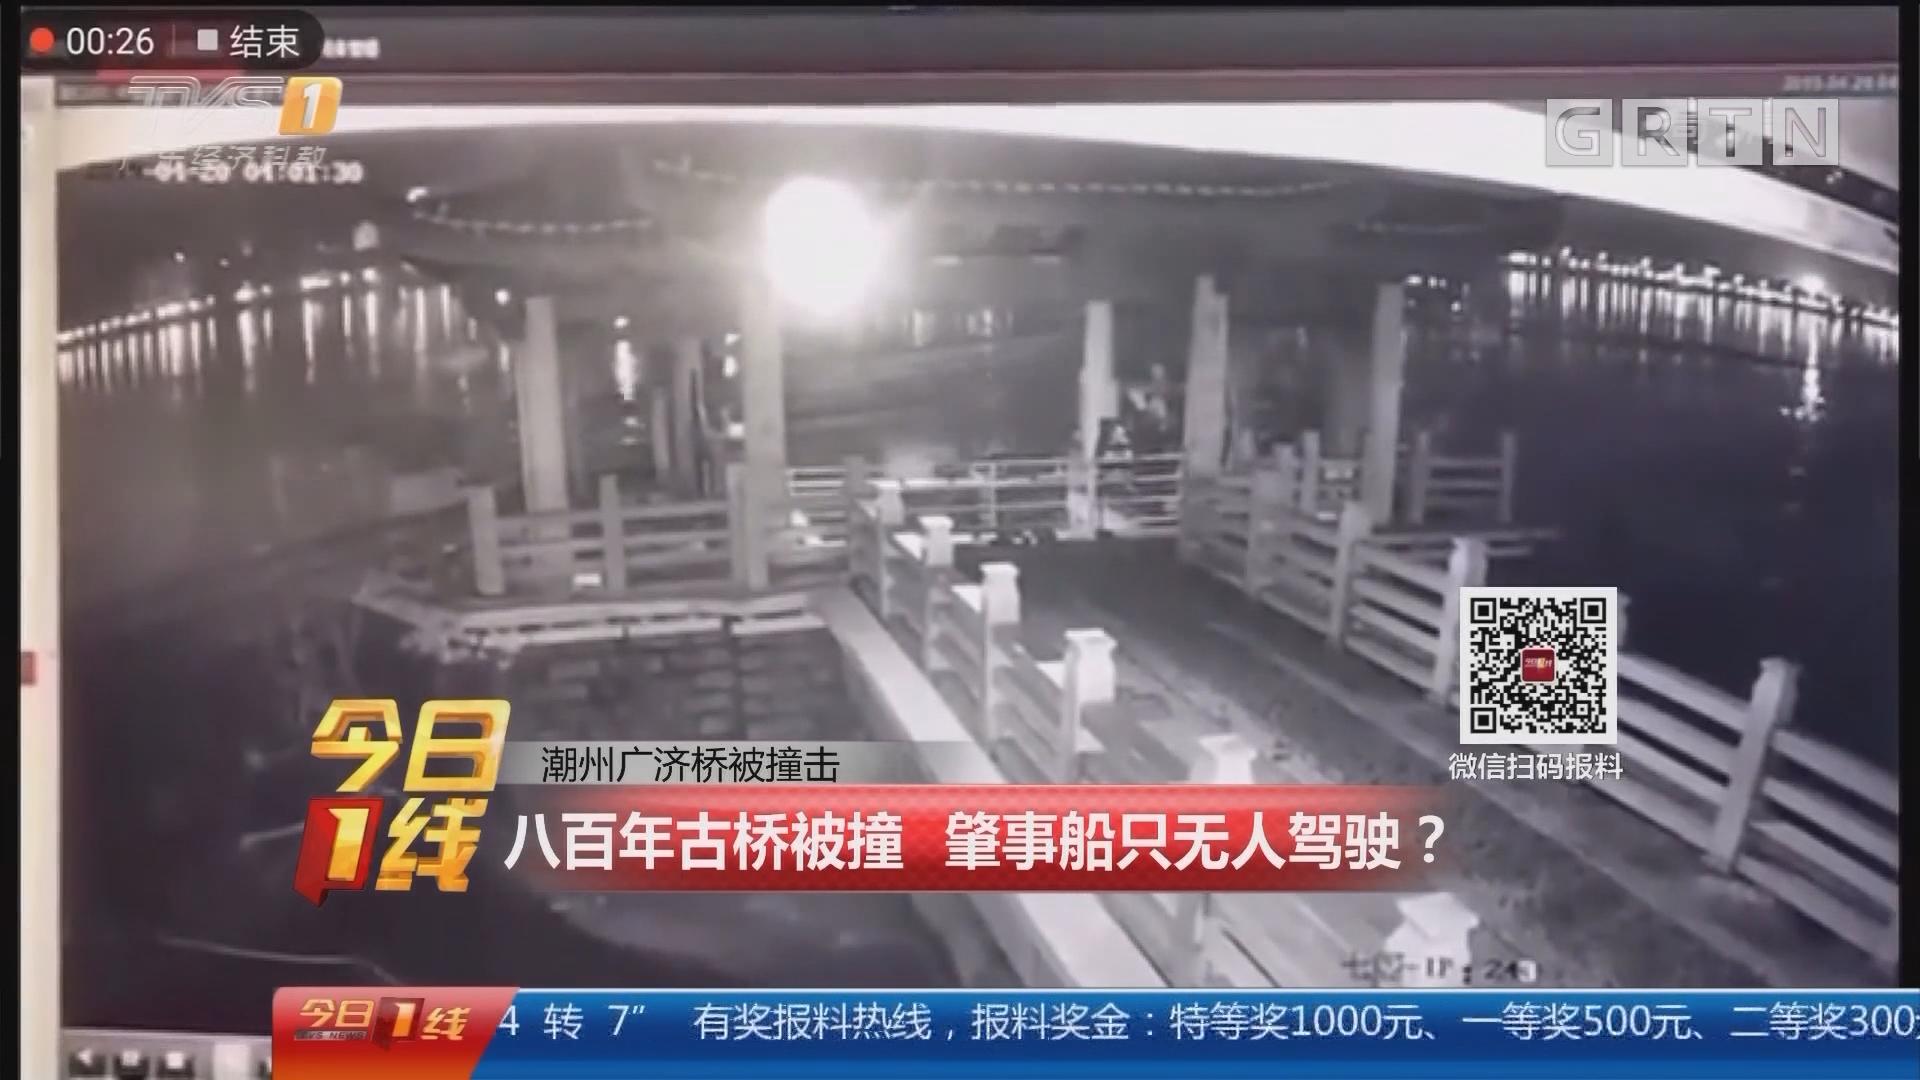 潮州广济桥被撞击:八百年古桥被撞 肇事船只无人驾驶?